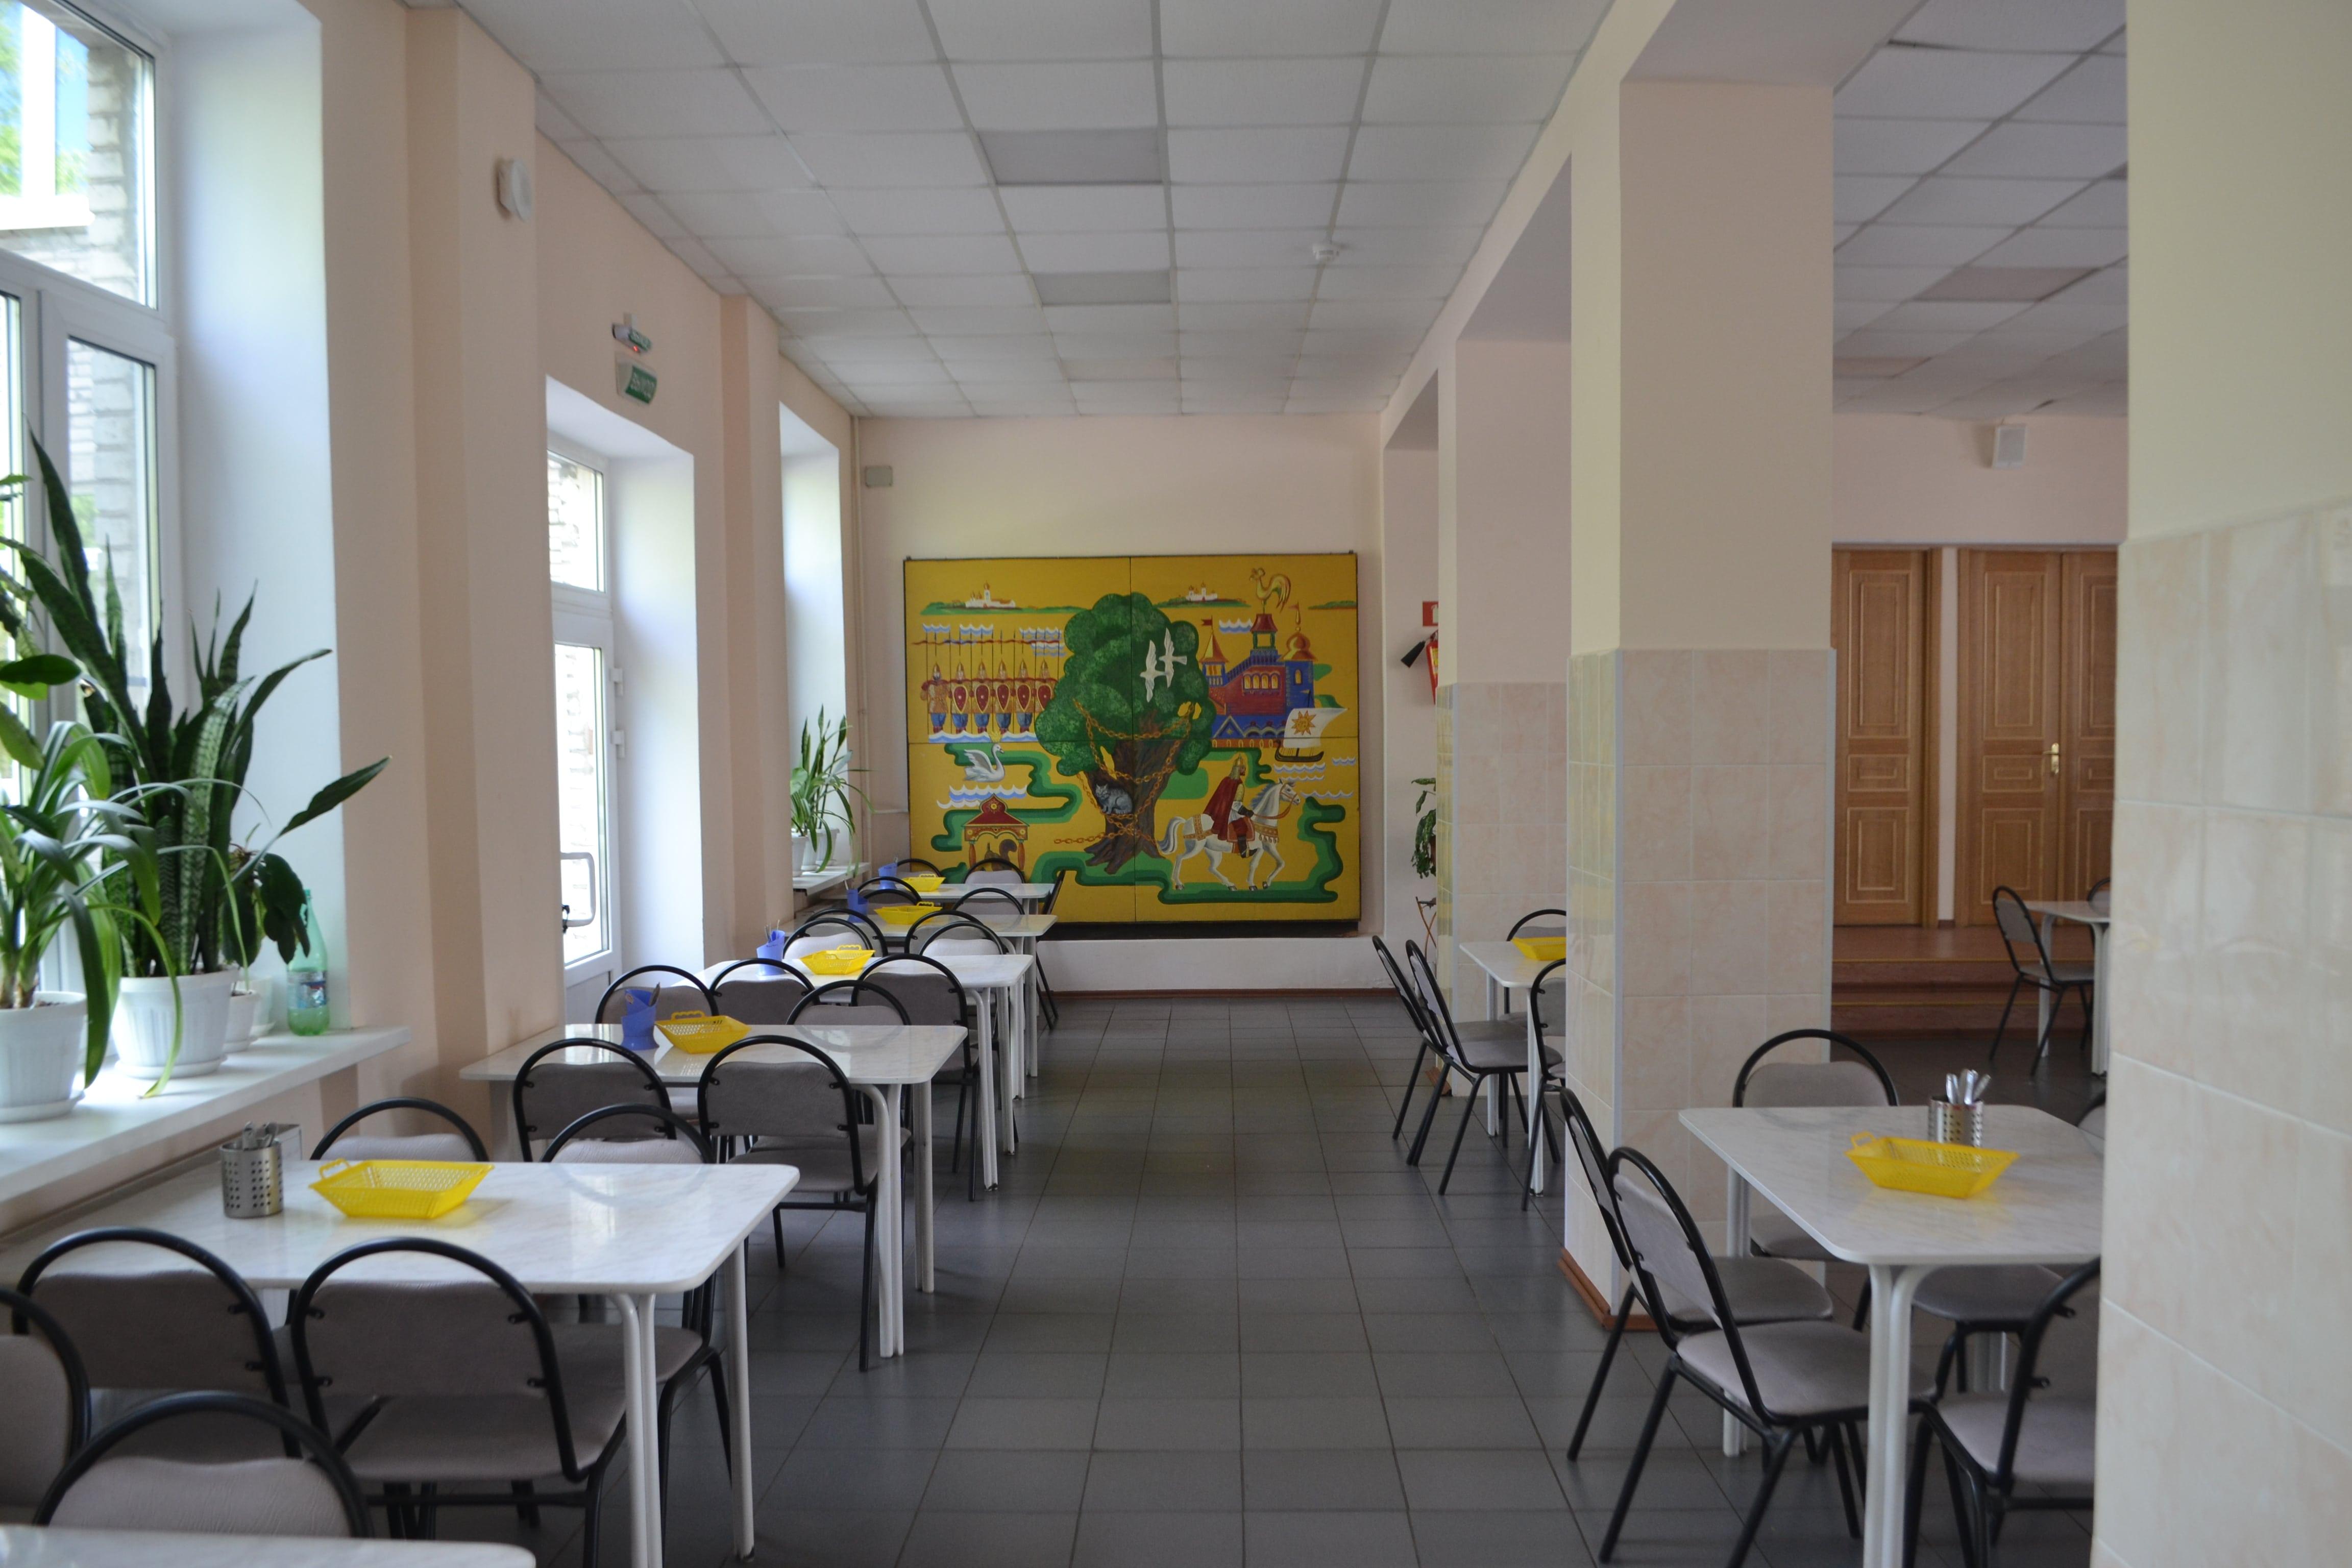 Помощь одежды в интернаты дома престарелых нуждающимся в санкт-петербурге дома престарелых харьковская область